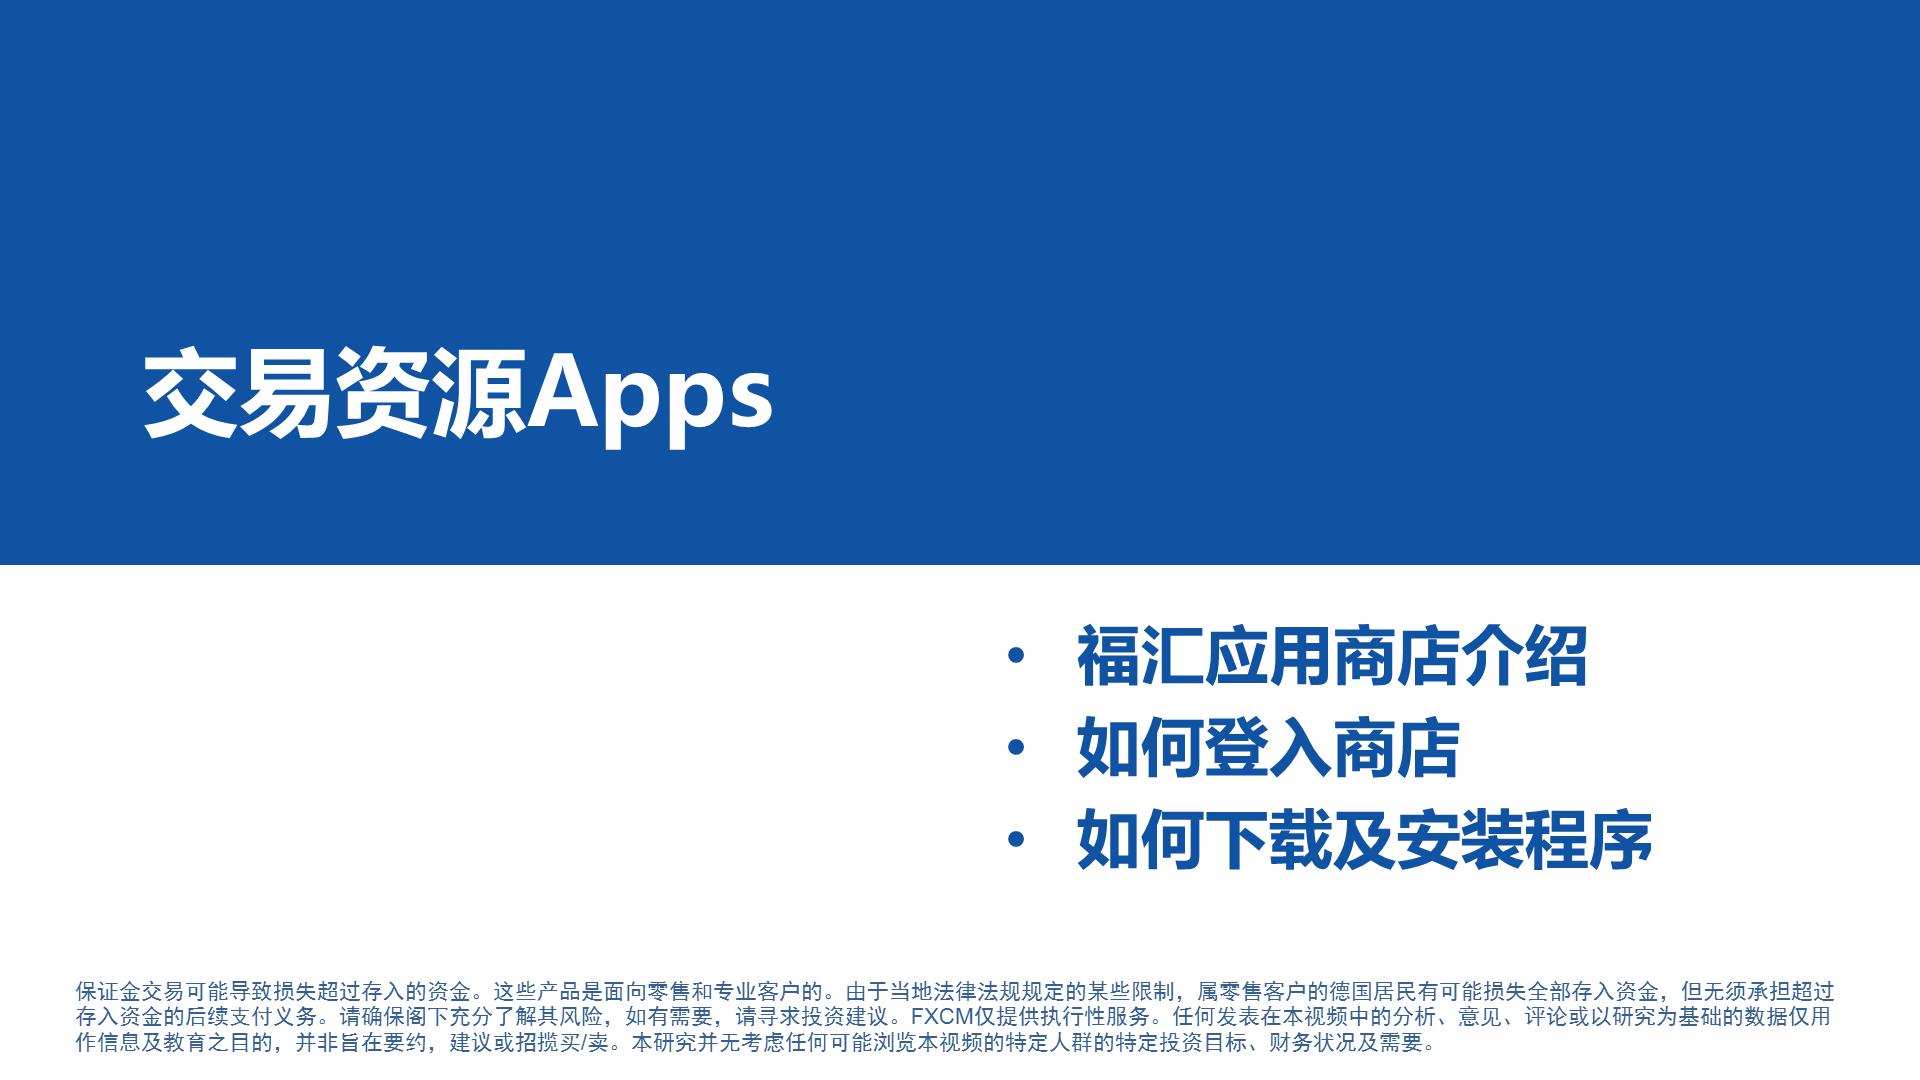 交易資源Apps